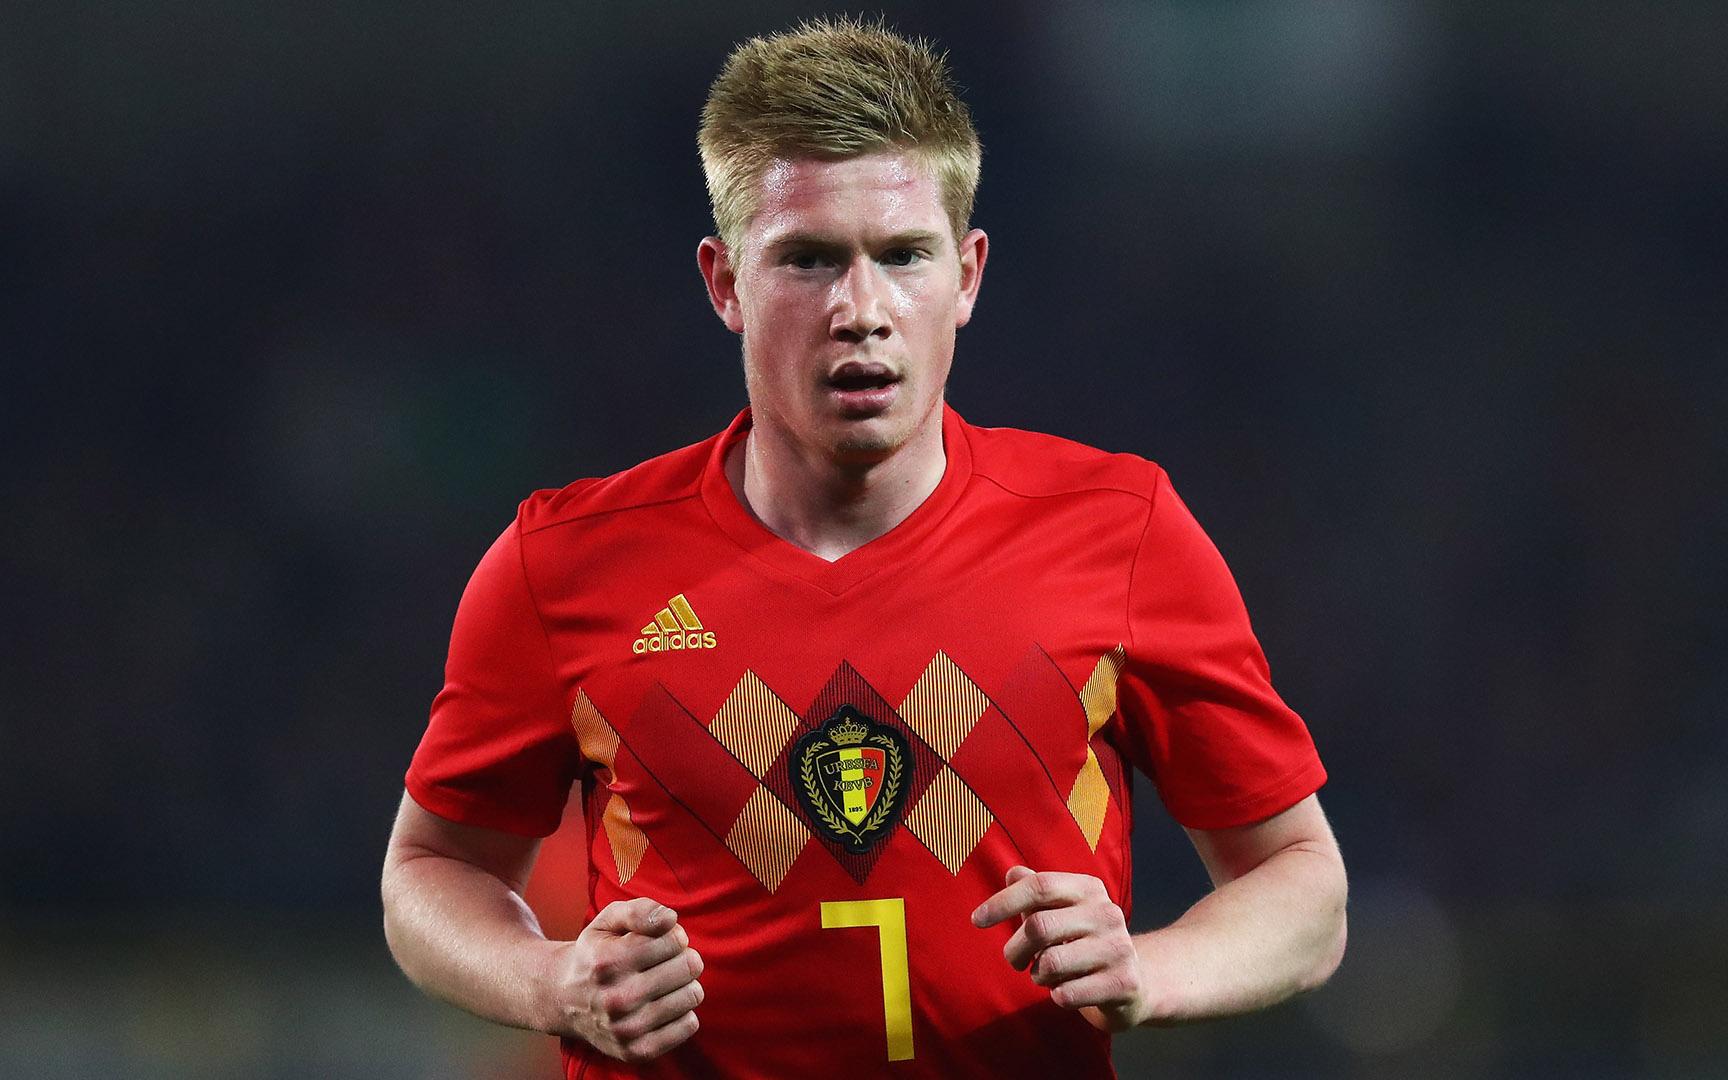 """EURO 2020 bị cầu thủ Man City gọi là """"giải đấu ô nhục"""" sau khi có dấu hiệu dàn xếp bảng đấu"""